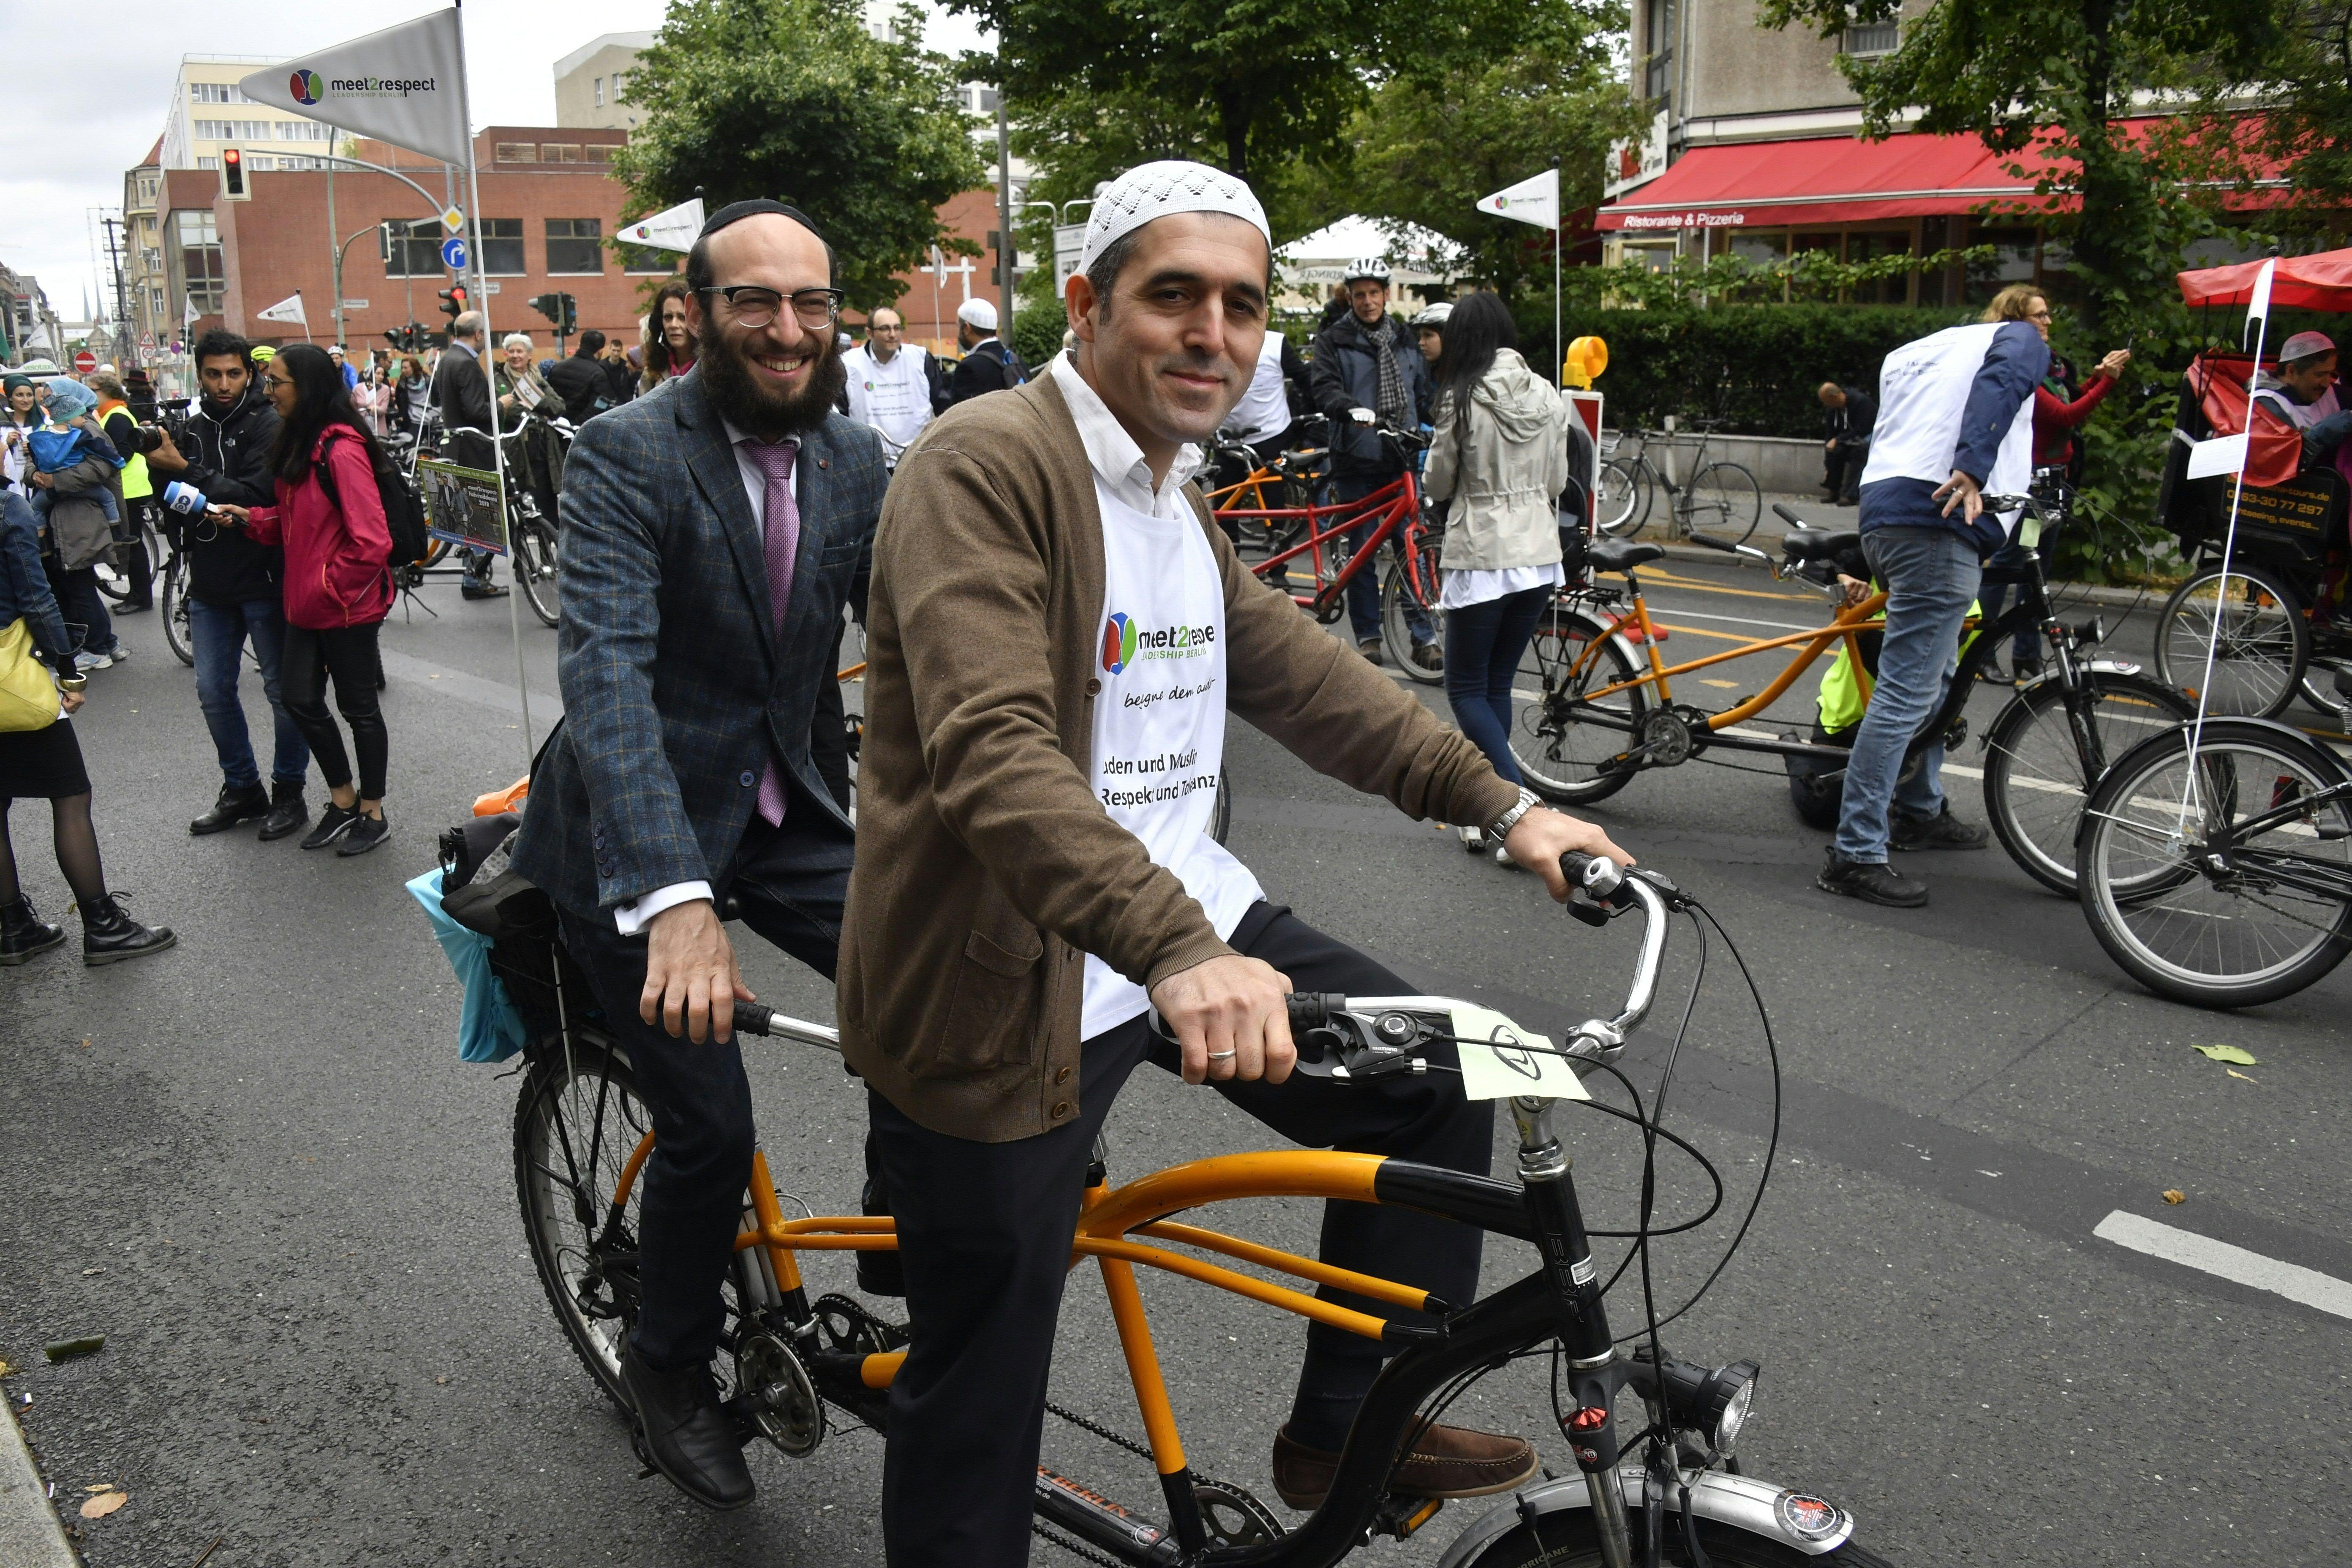 Juifs et musulmans appellent à la tolérance en se baladant en tandem dans les rues de Berlin